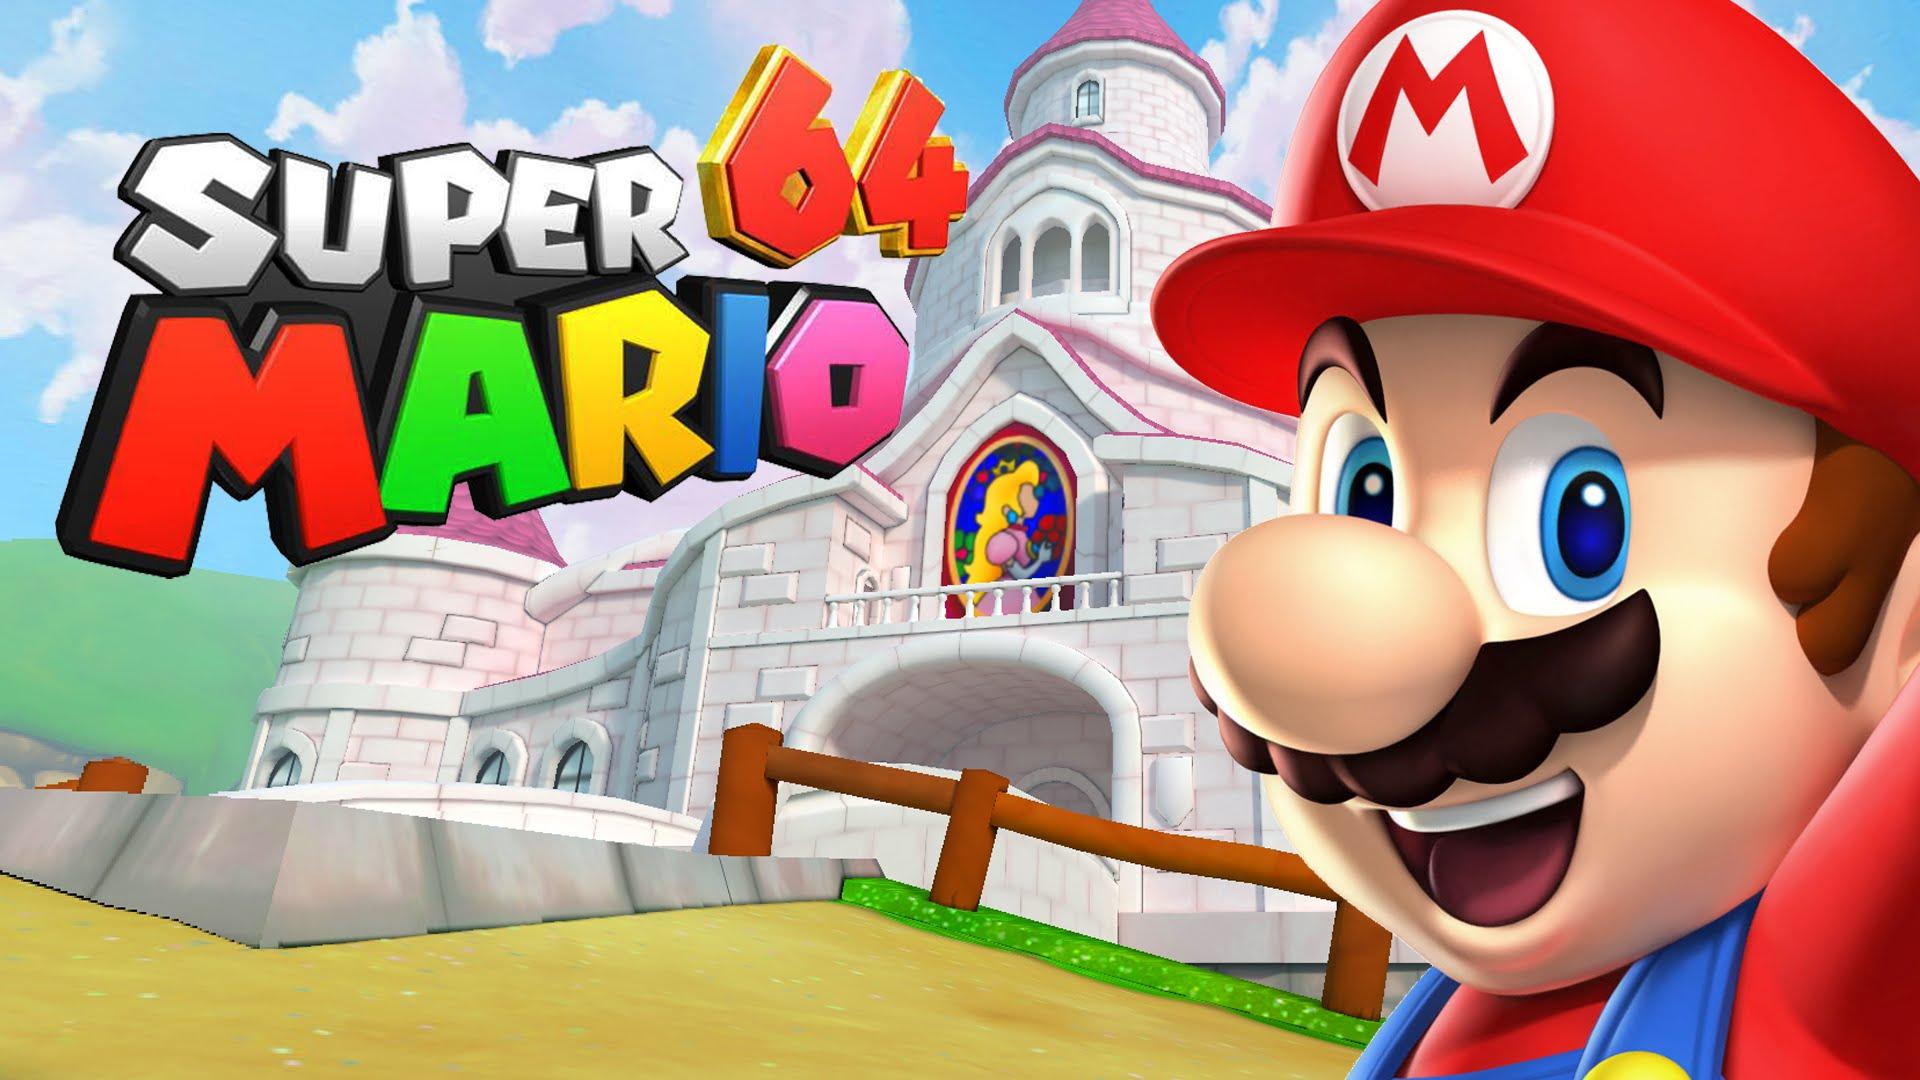 Super Mario 64 w przeglądarce! Poznajcie zaskakującą historię stojącą za wielkim hitem sprzed 19 lat